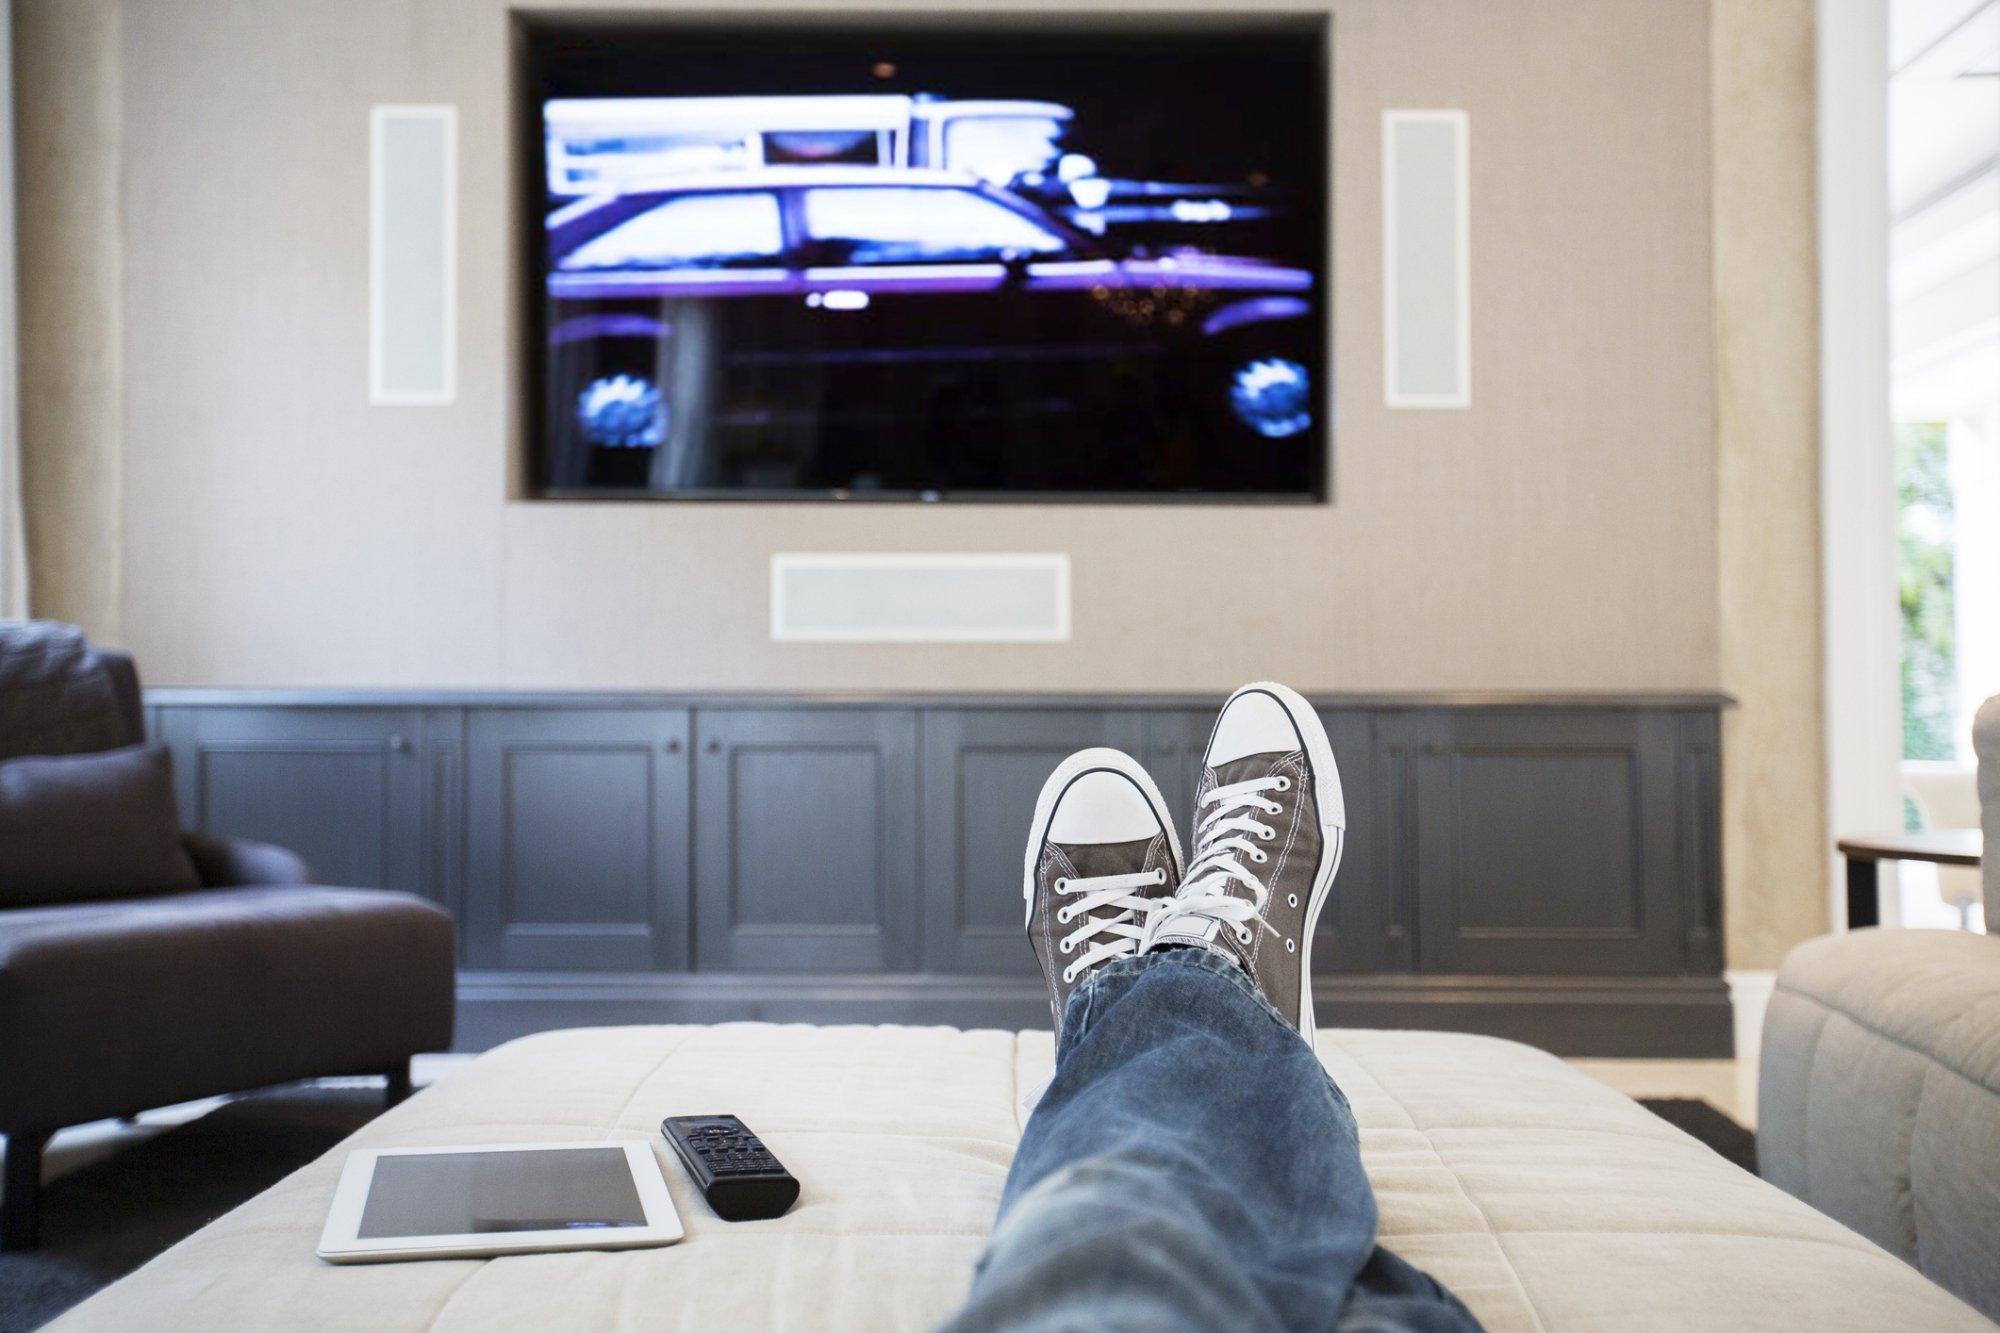 La télévision devenue la meilleure amie du confinement (C) Pixabay